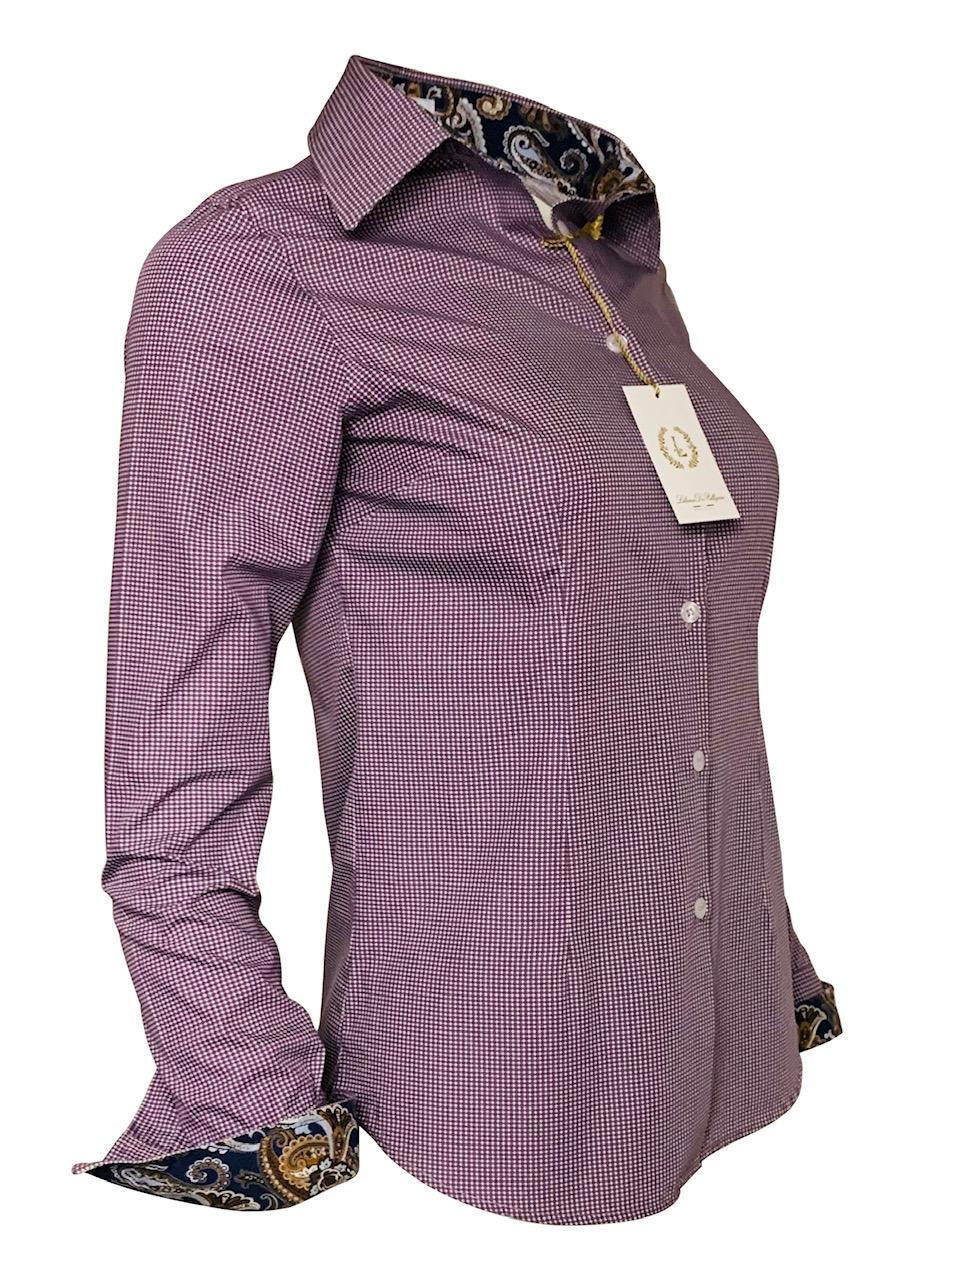 chemise motif, bordeaux, fantaisie, chic, élégant, coton